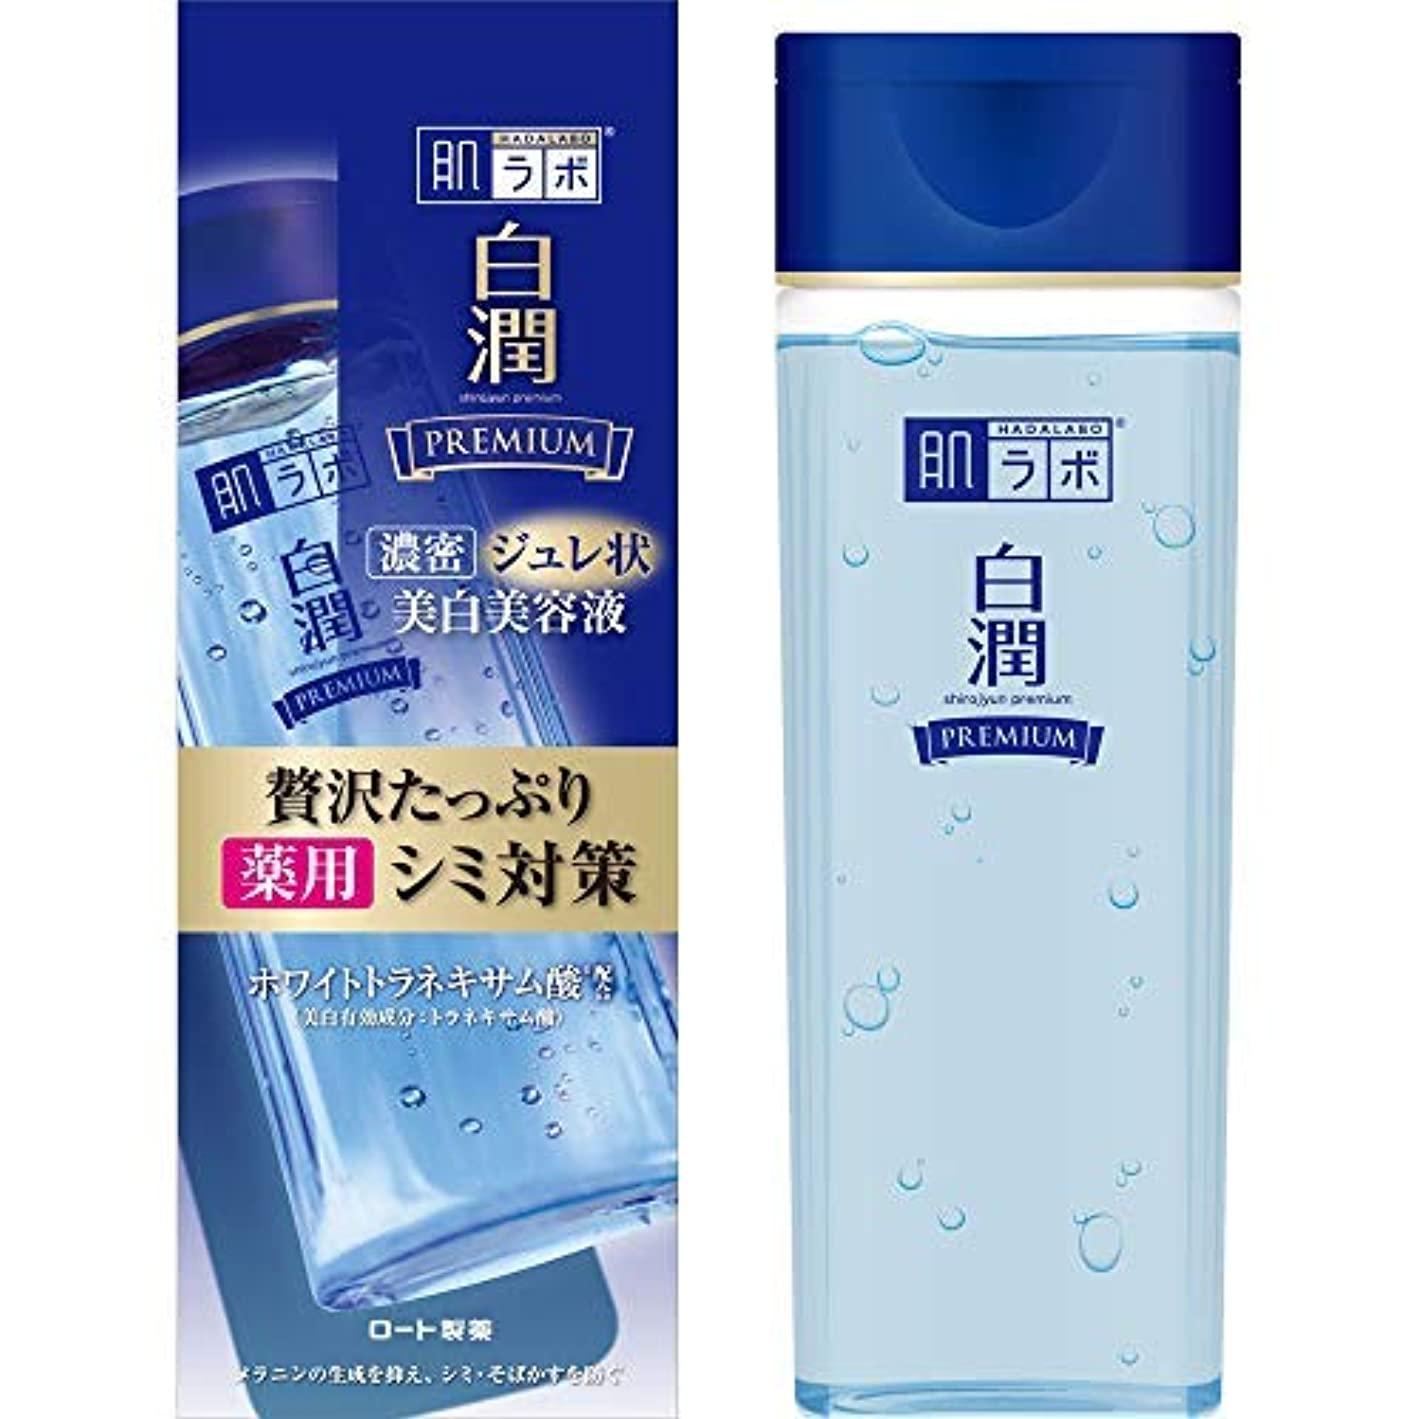 肌ラボ 白潤プレミアム 薬用ジュレ状美白美容液 × 4個セット